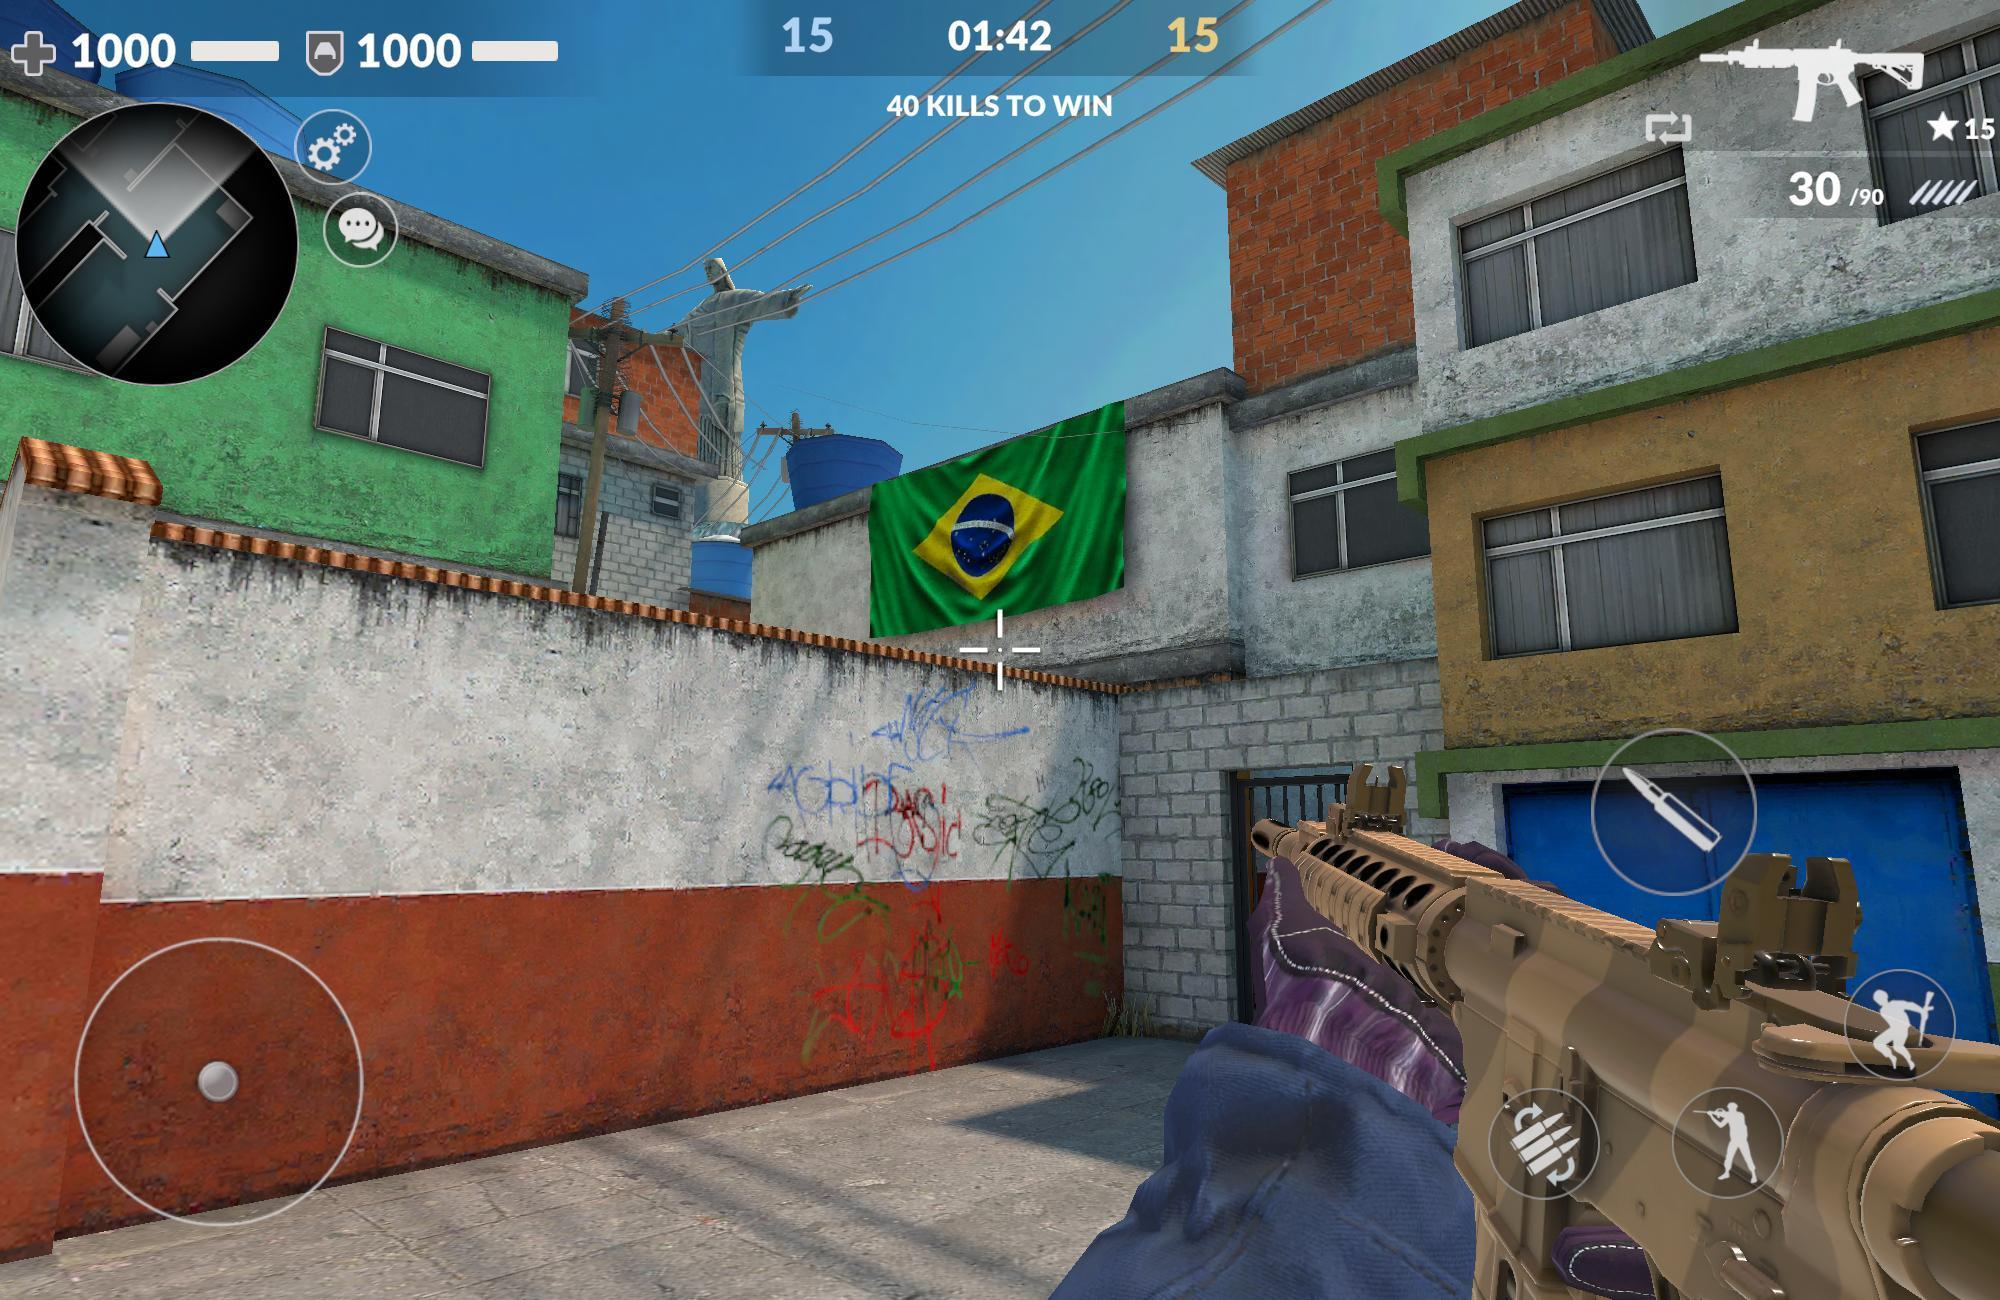 Critical Strike CS: Counter Terrorist Online FPS 9.9990 Screenshot 14